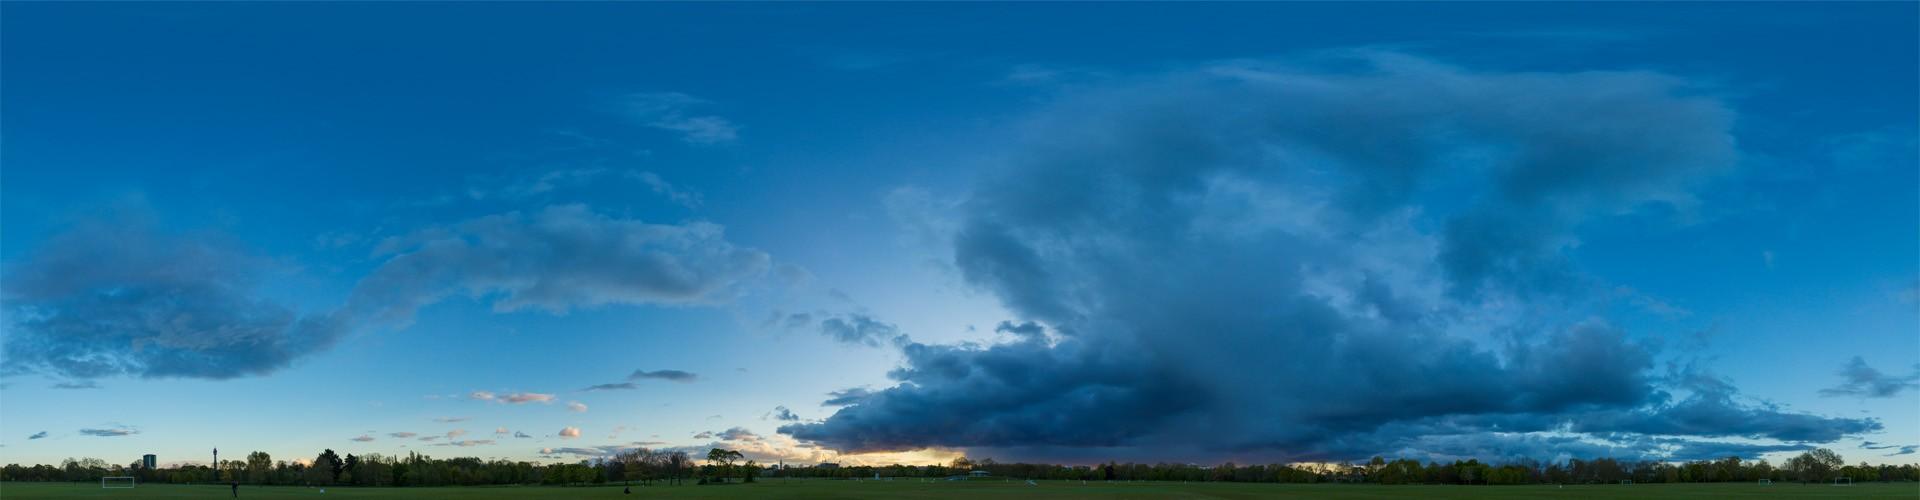 Rainy Blue Hour 8020 (30k) HDRI